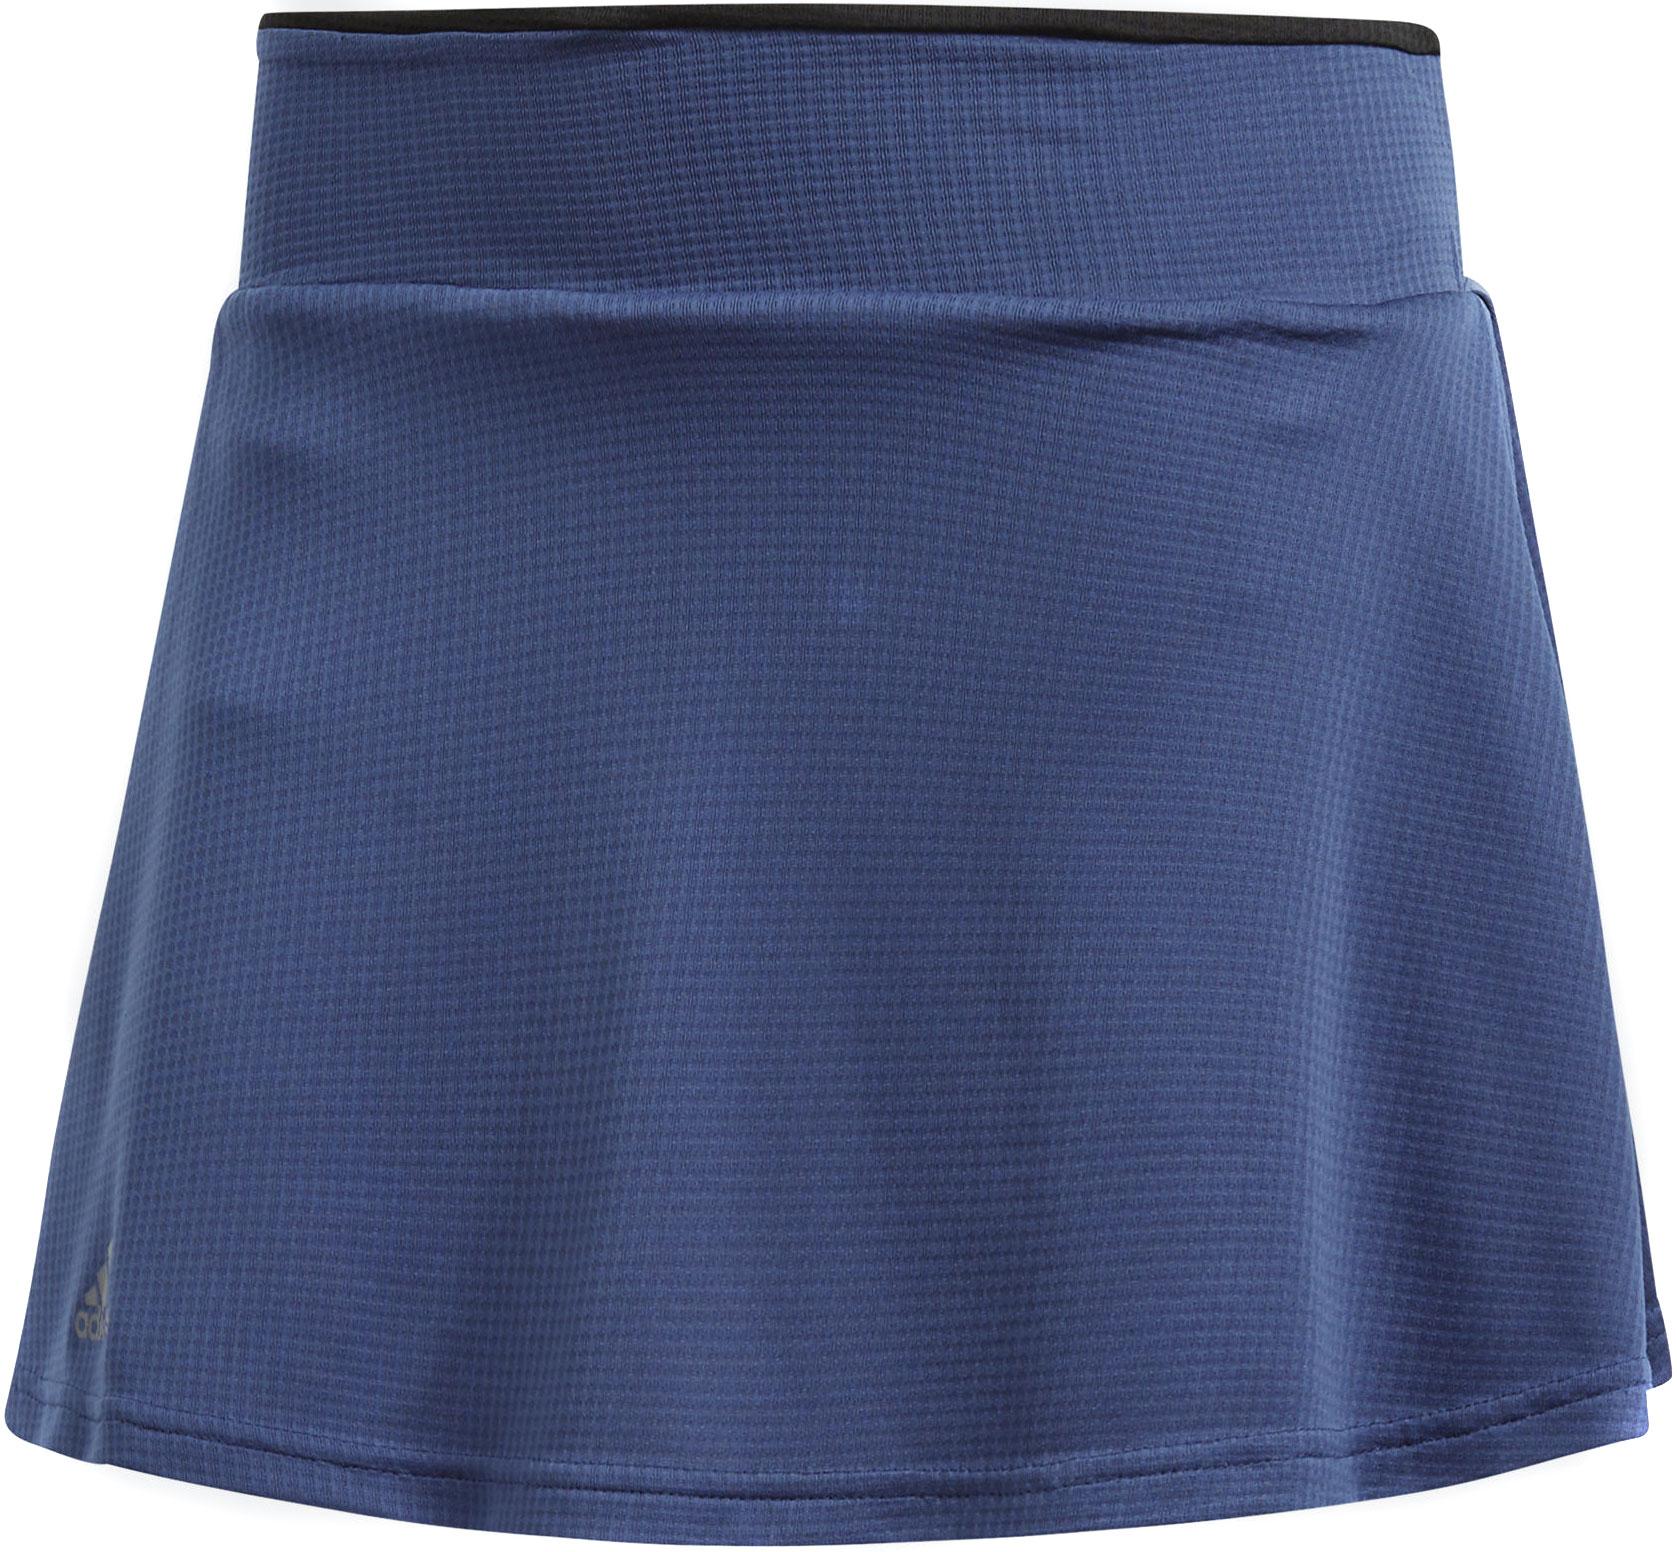 Юбка женская Adidas Clmchll Skirt, цвет: синий. CE1457. Размер XXS (38)CE1457Эта теннисная юбка дарит ощущение свежести и прохлады даже во время самых длинных розыгрышей и самых напряженных тай-брейков. Технология Climachill способствует комфорту в жаркую погоду: микрофибра и титановые волокна хорошо охлаждают и отводят излишки влаги. Модель дополнена вшитыми шортами и защитой от УФ-лучей 50+.Технология Climachill обеспечивает приятное ощущение прохлады и свежести даже под палящим солнцемШирокий эластичный поясДвойные складки по бокамВшитые шортыЗащита от УФ-лучей 50+Логотип adidas у нижнего краяОблегающий крой